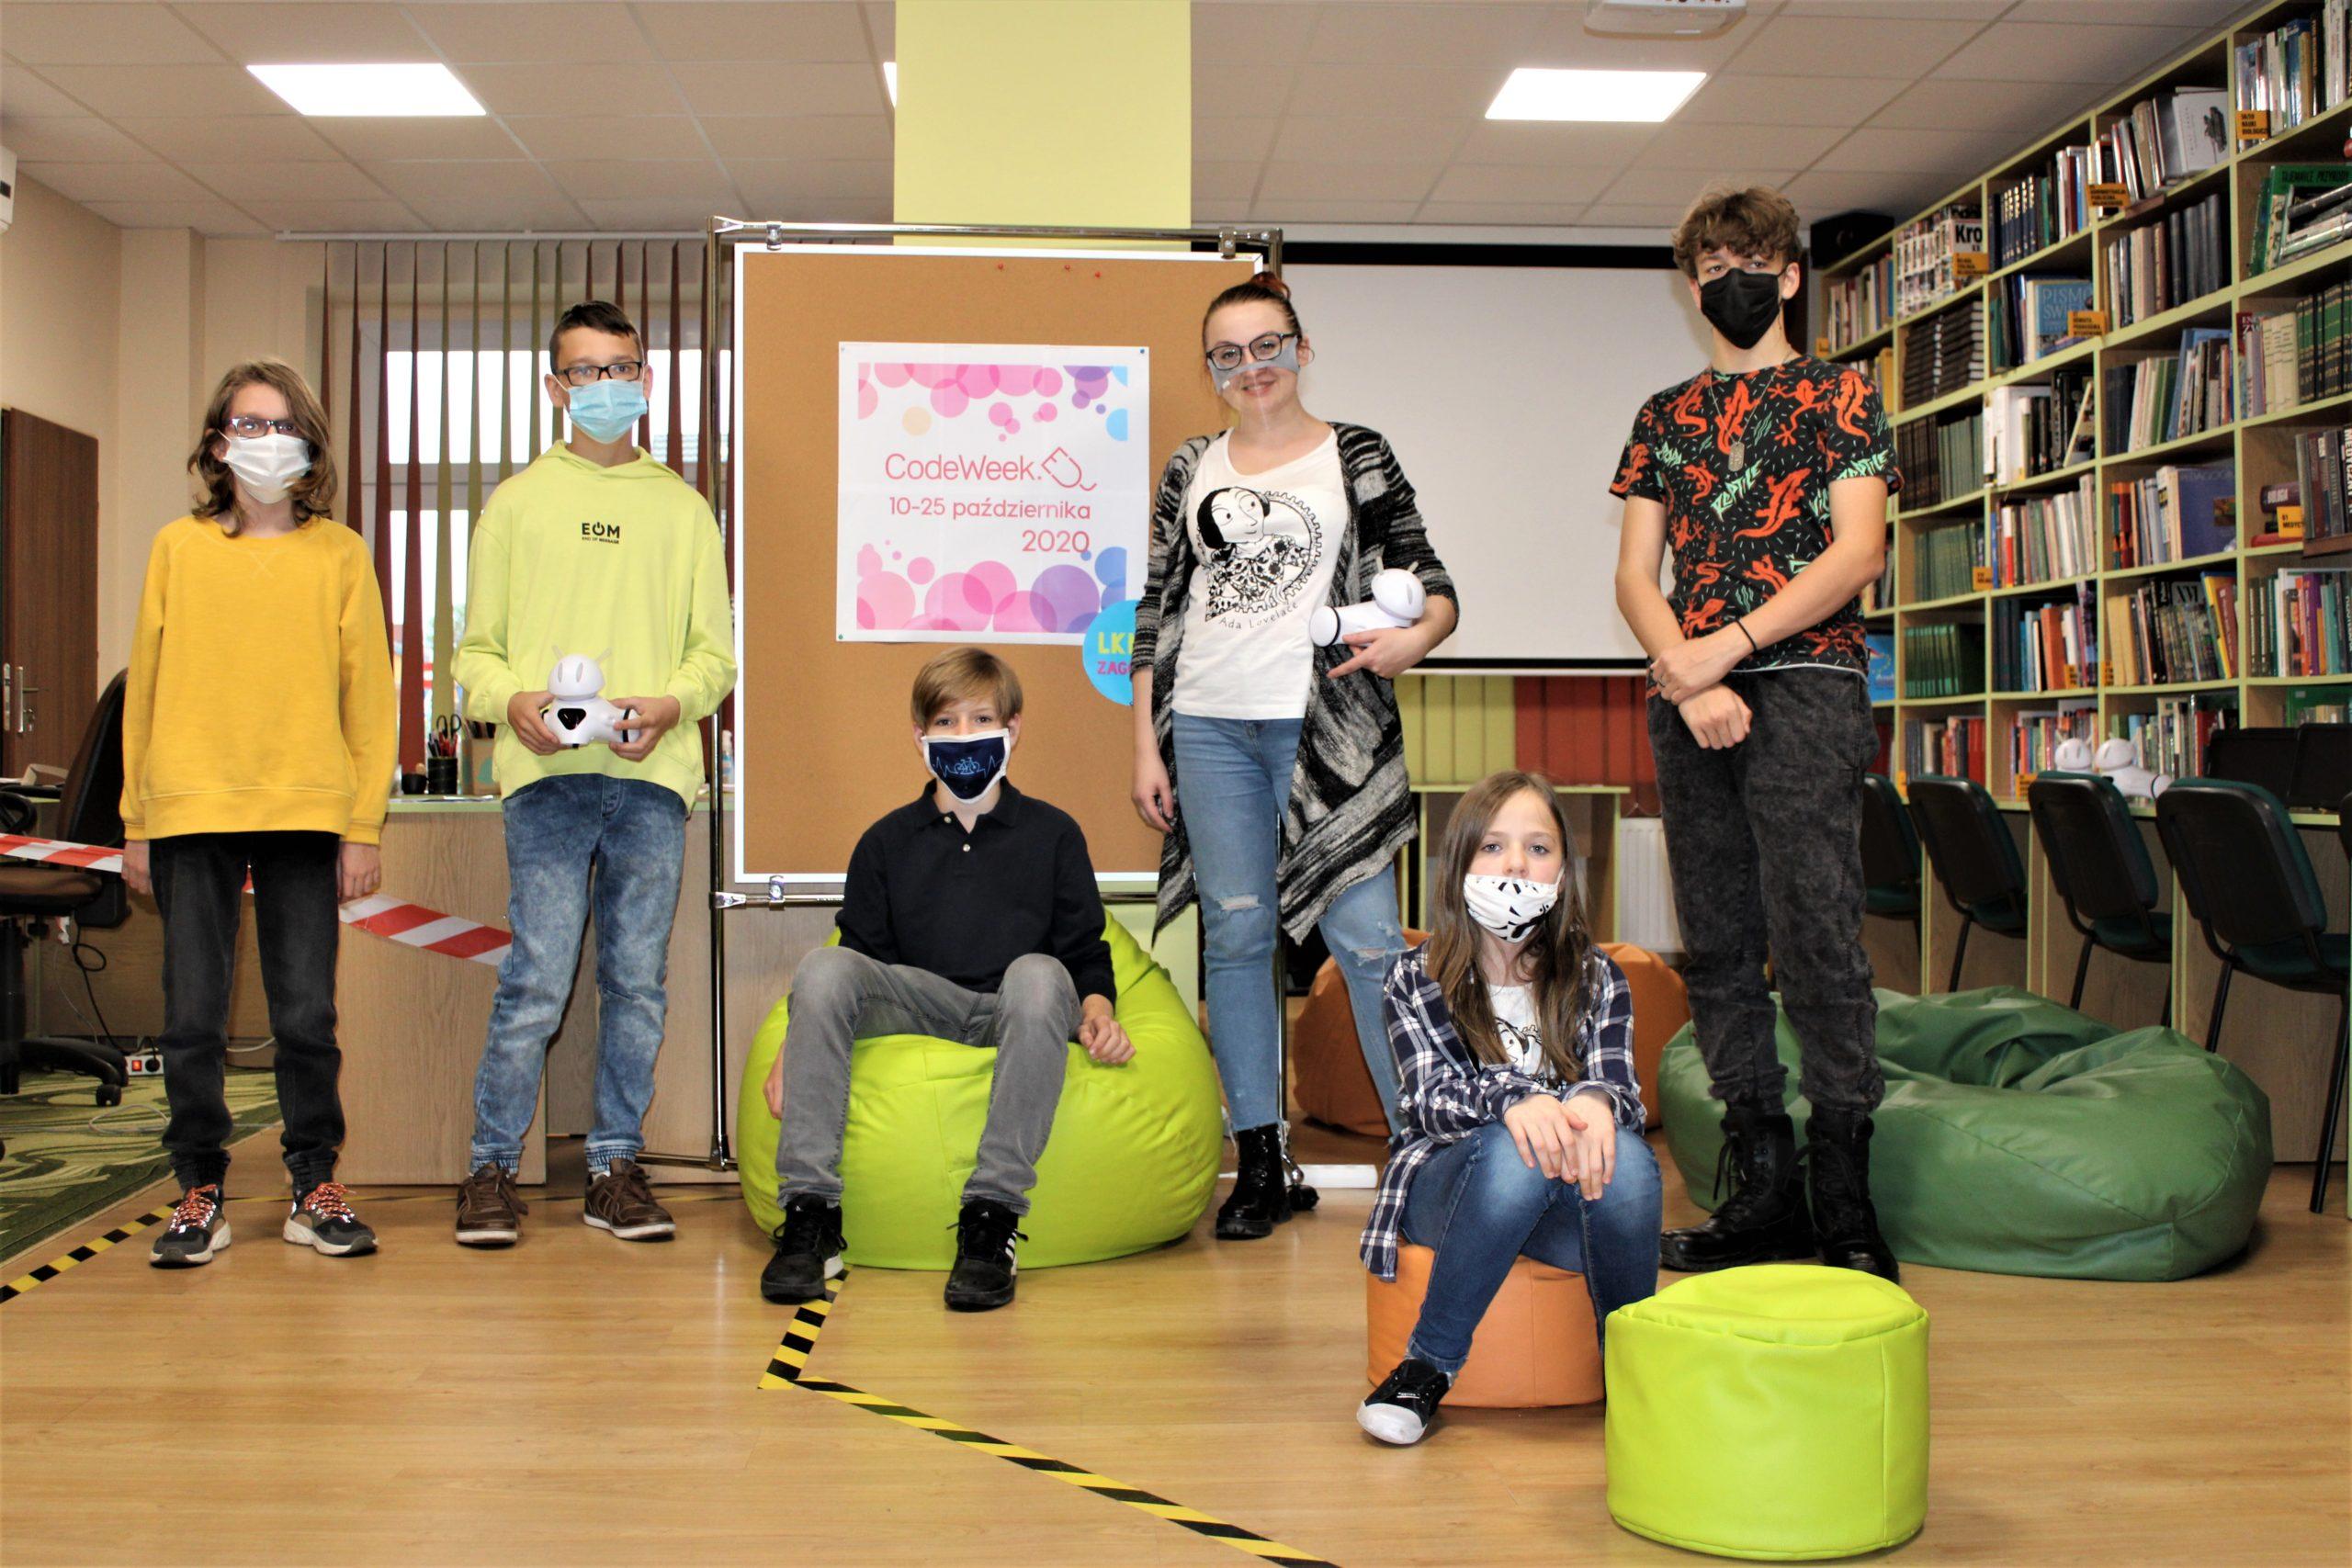 Na fotografii grupa dzieci biorących udział w zajęciach programowania robotów wraz z bibliotekarką. Dwie osoby trzymają w rękach roboty.